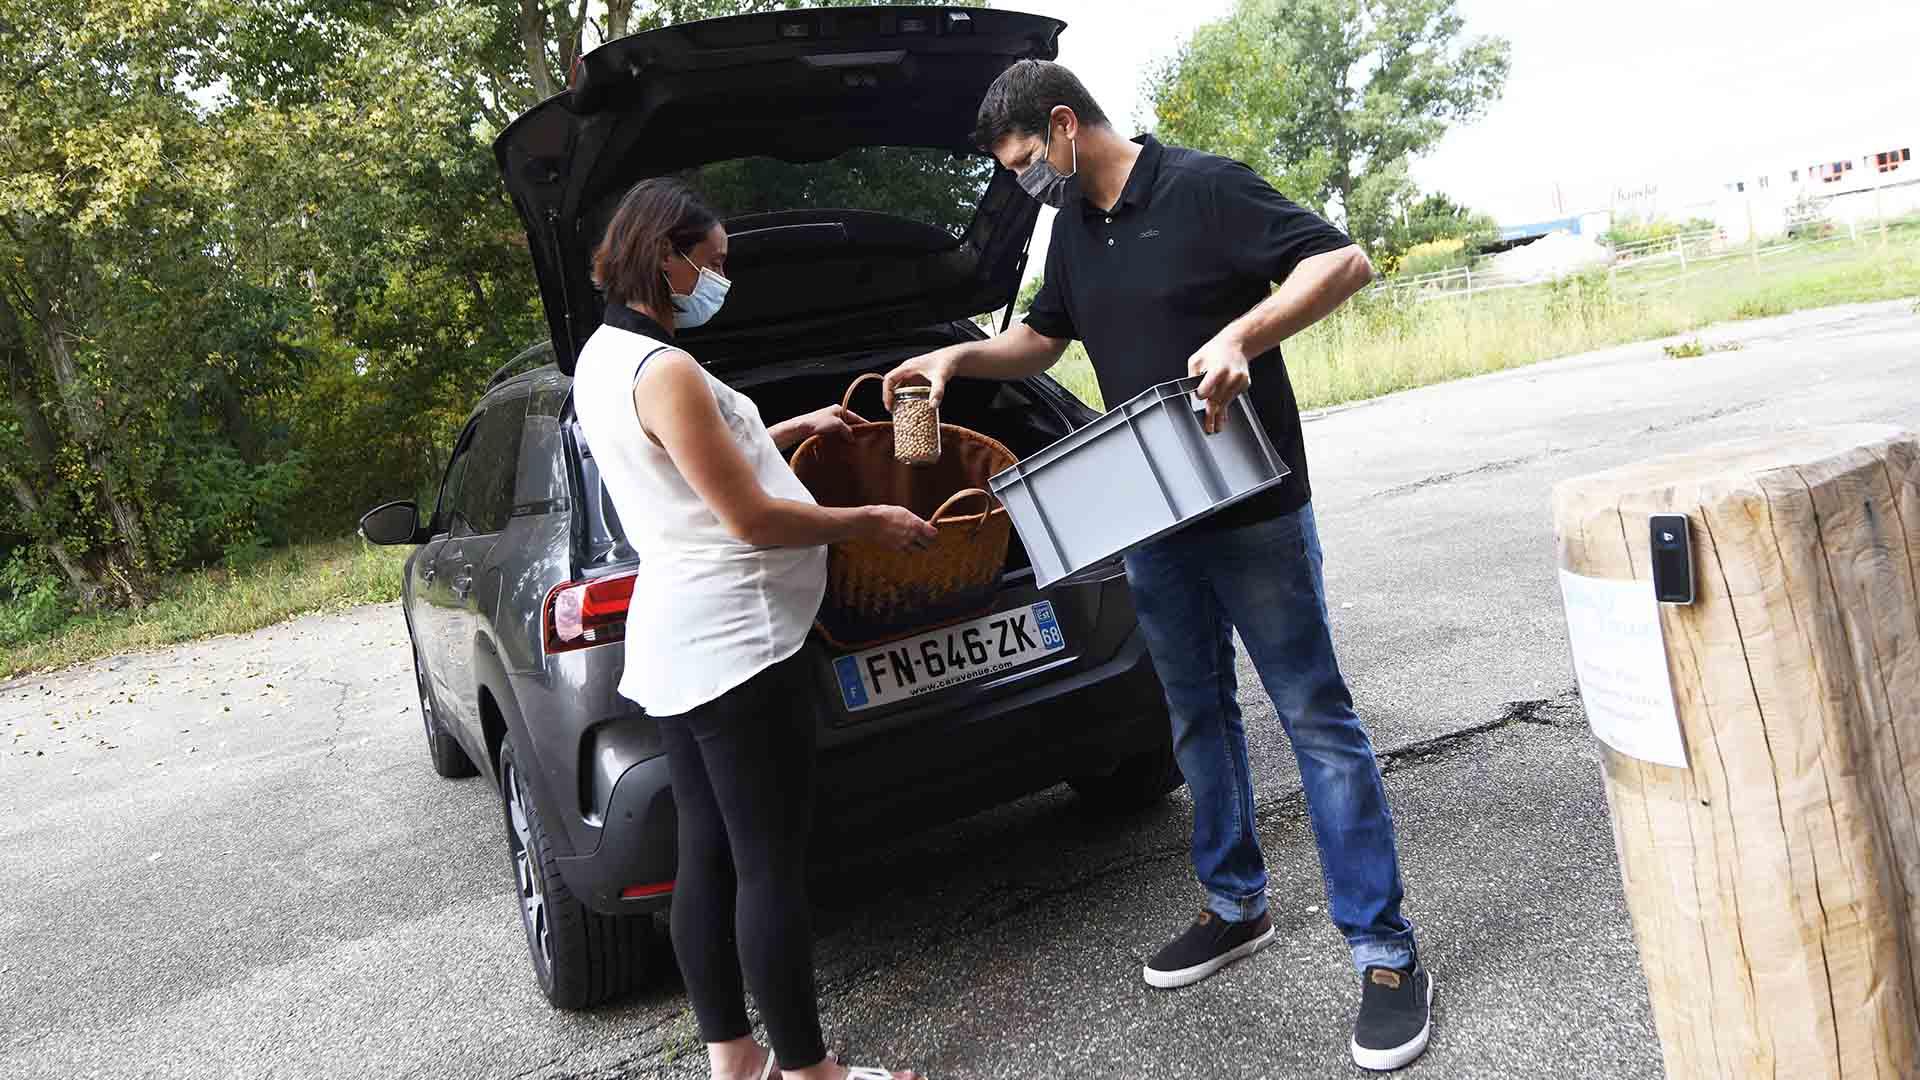 Boc'O Drive u ndrive bio et local et zero déchet à Rixheim - Jérôme est présent pour tous ses clients